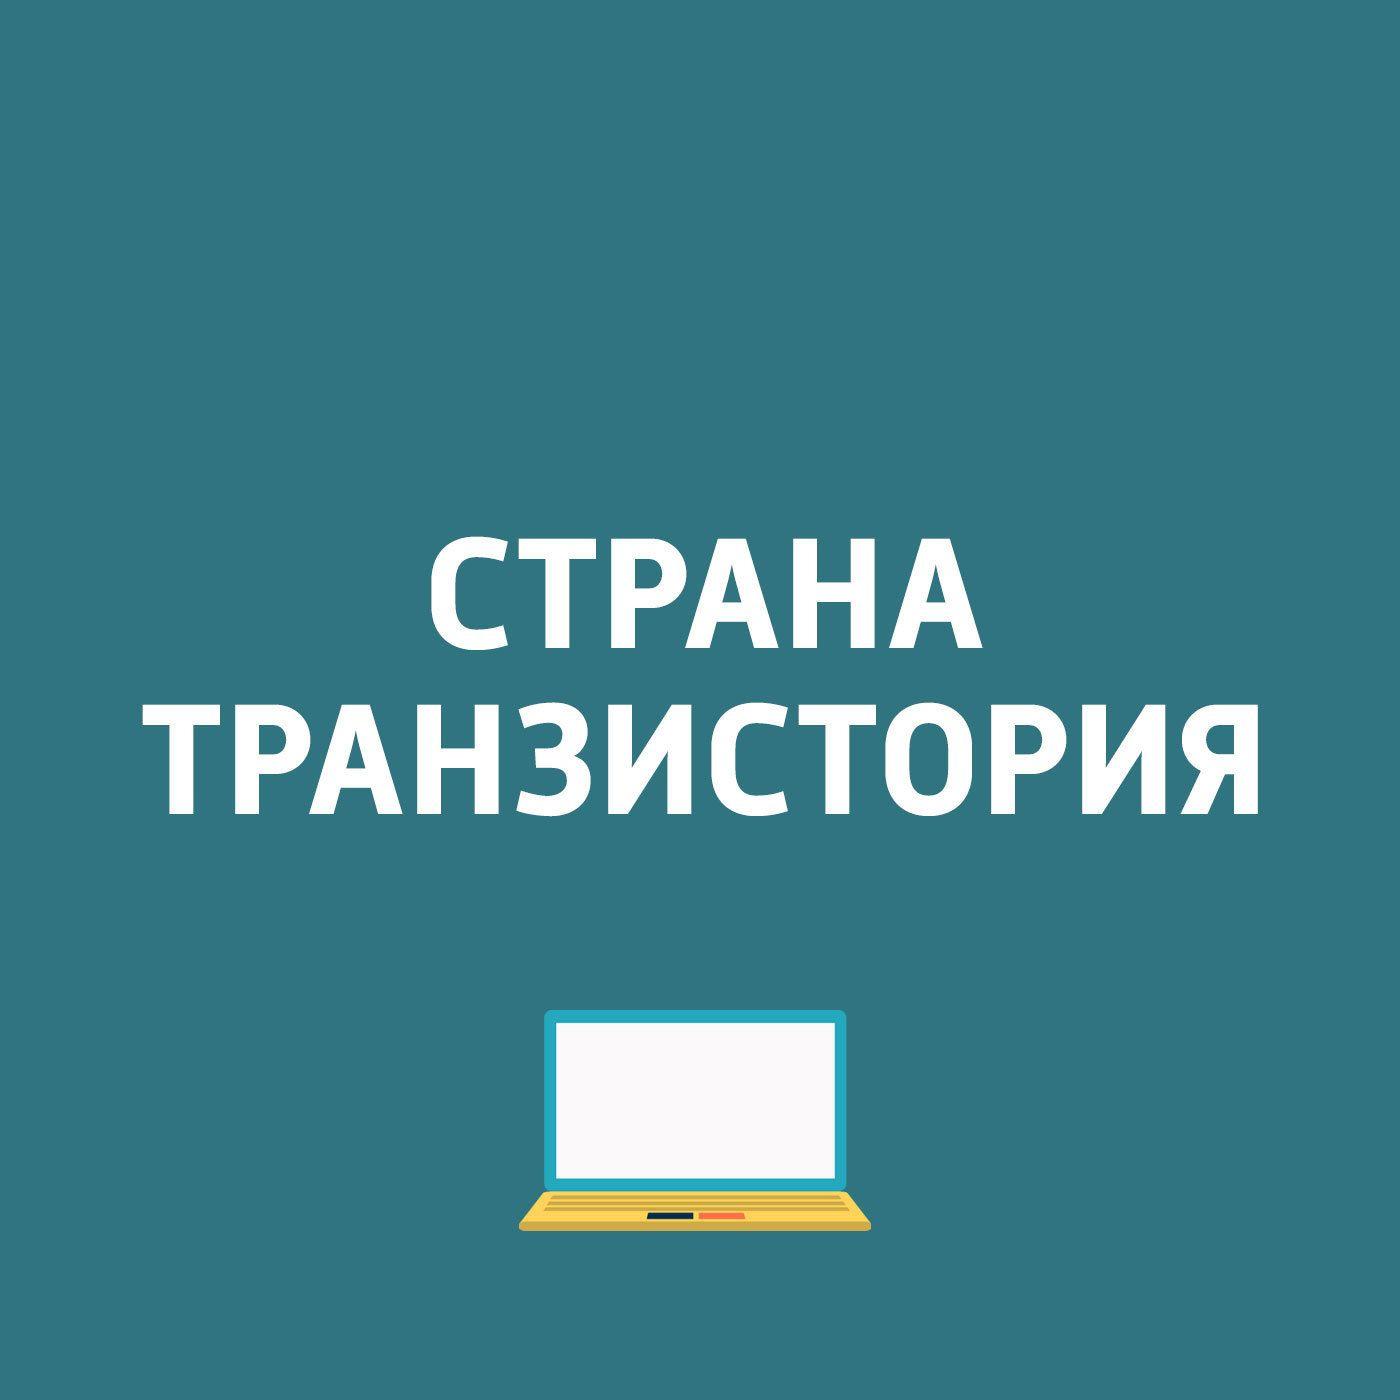 Картаев Павел Microsoft начнёт избавляться от аккаунтов, остающихся неактивными в течение двух картаев павел meizu объявила дату презентации новой линейки флагманских смартфонов домену ru исполнилось 24 года суперкомпьютер nvidia project clara